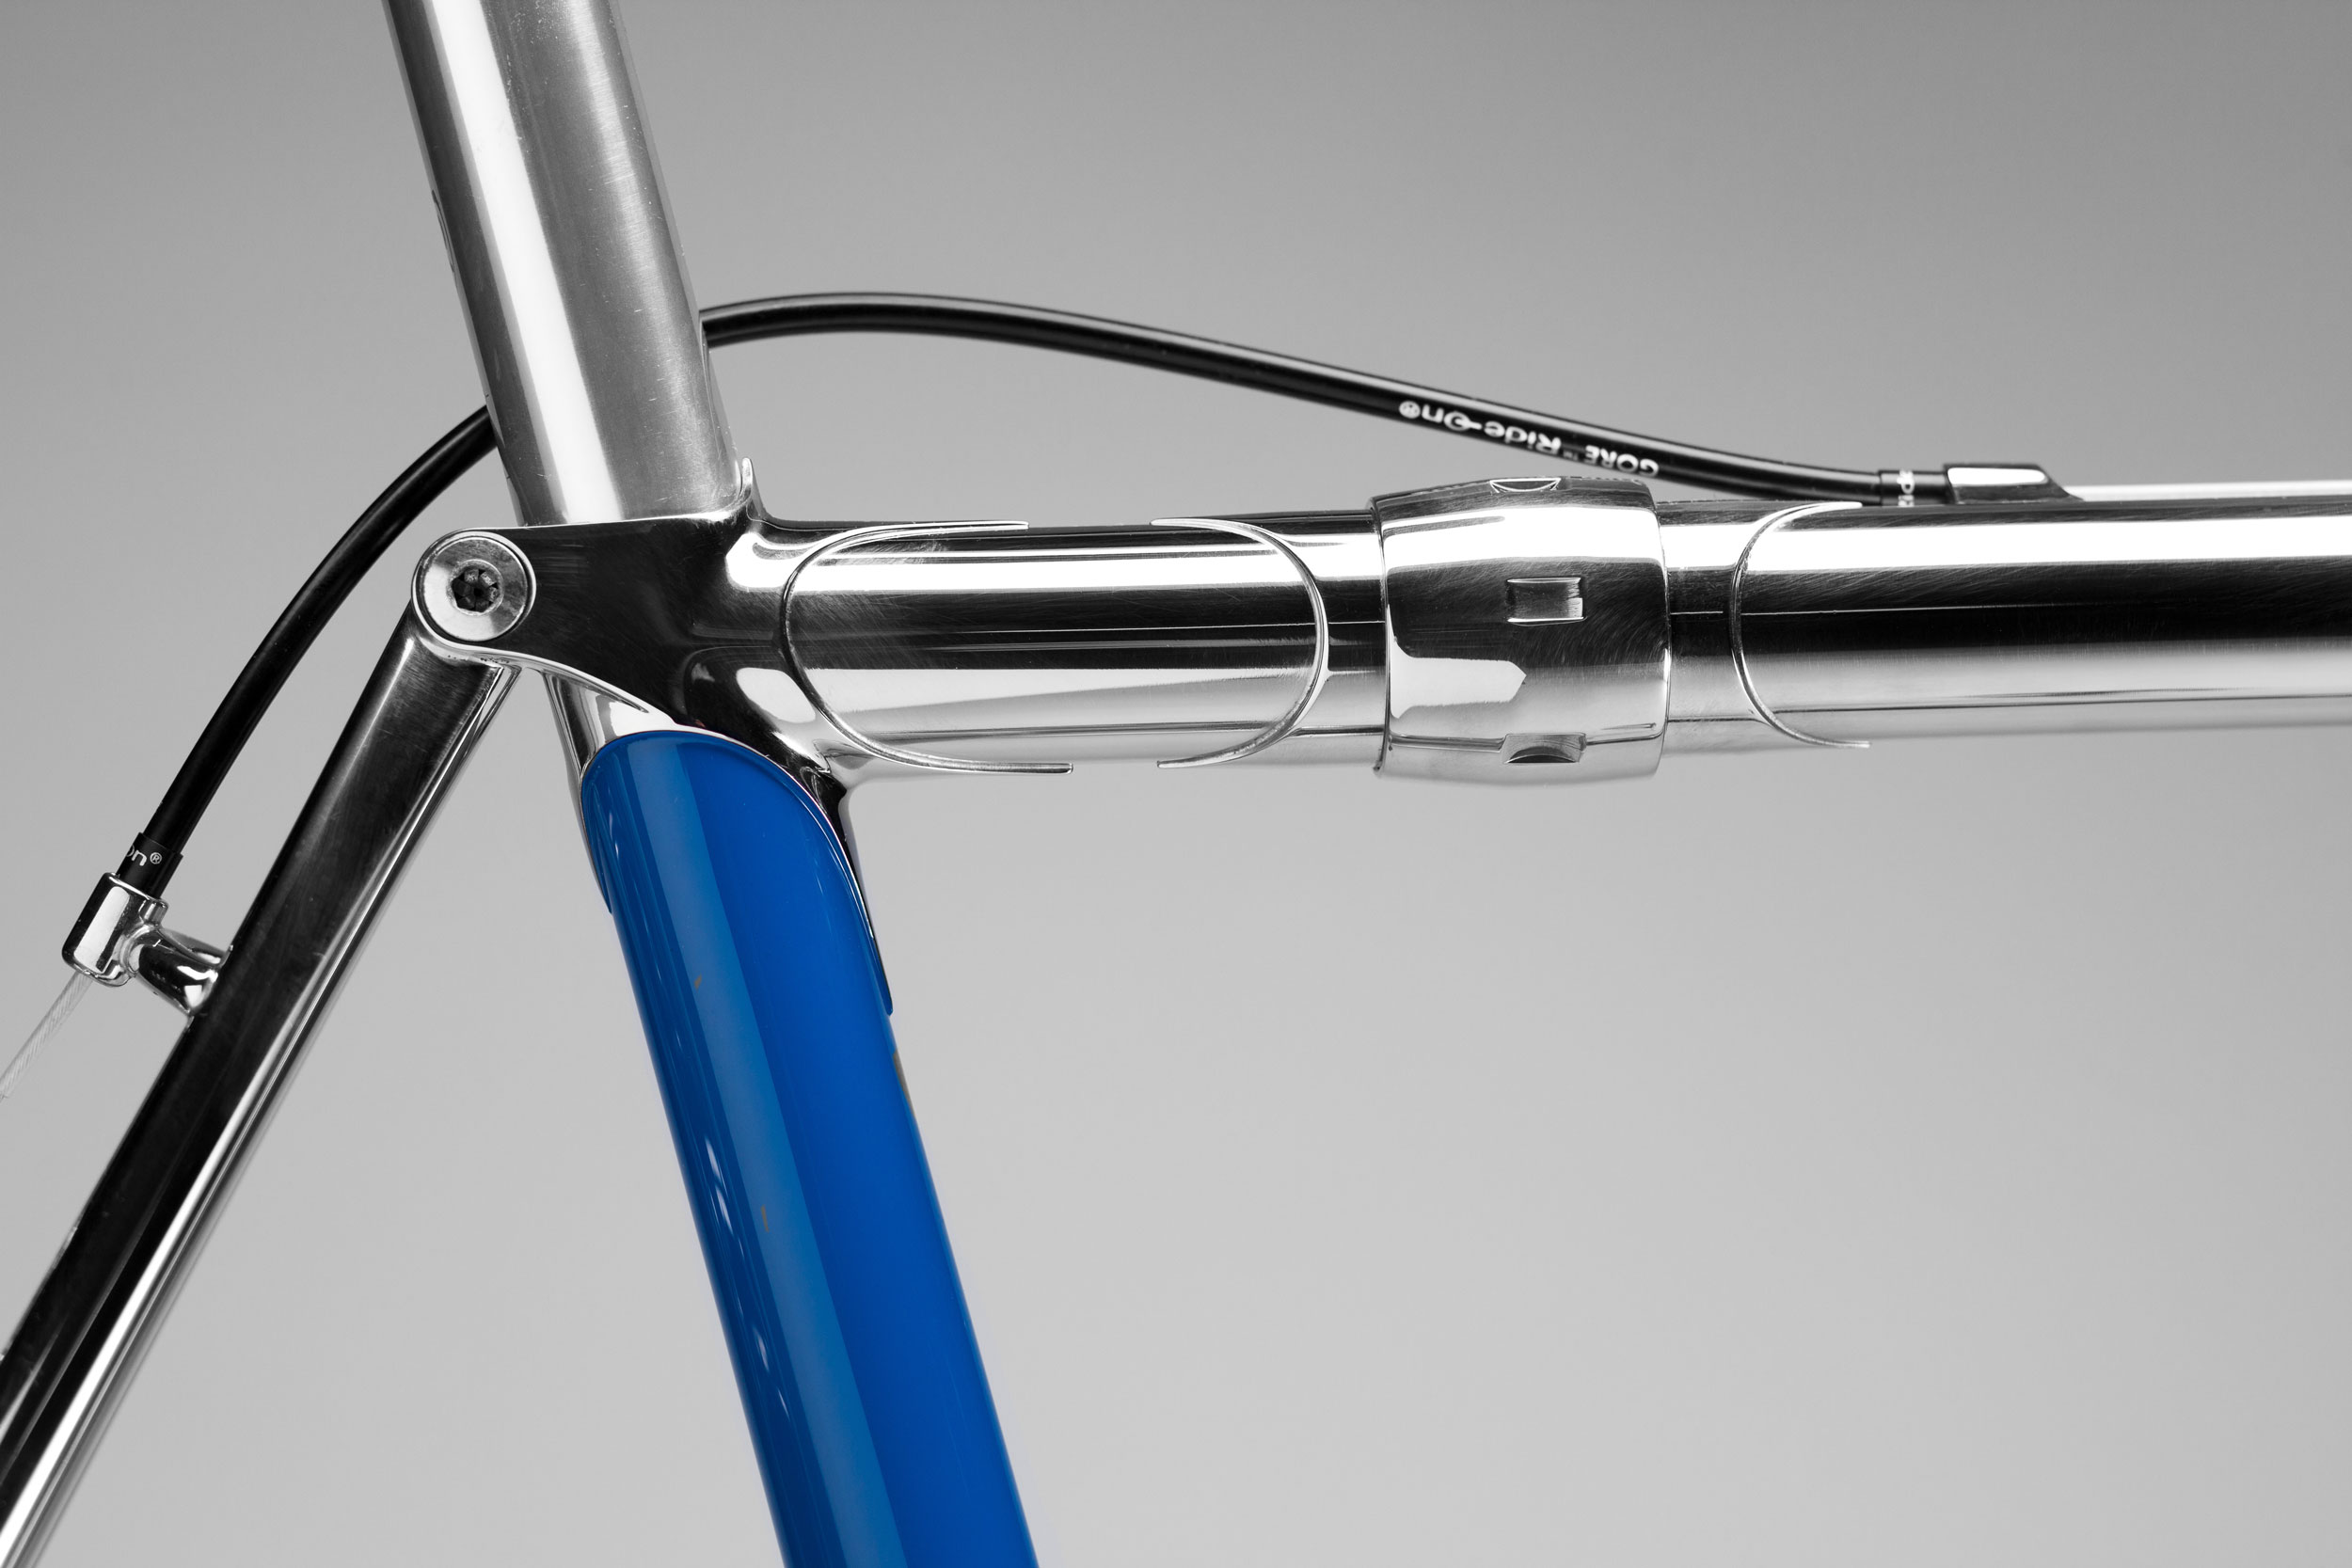 Ellis_cycles_stainless_couplers_custom_bike